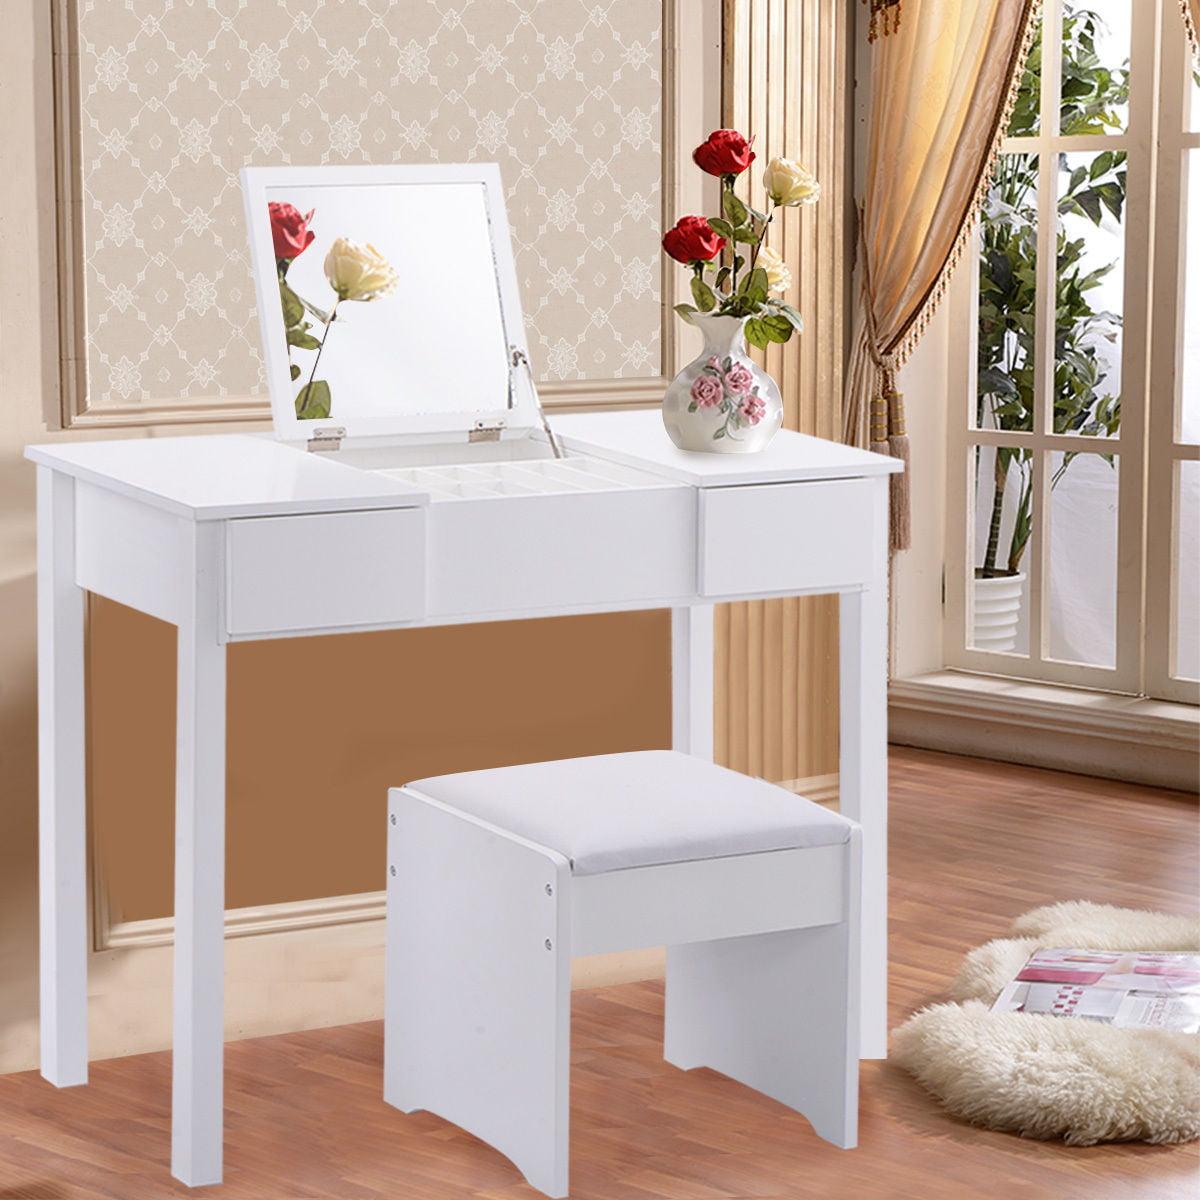 White Bedroom Vanities bedroom vanities - walmart